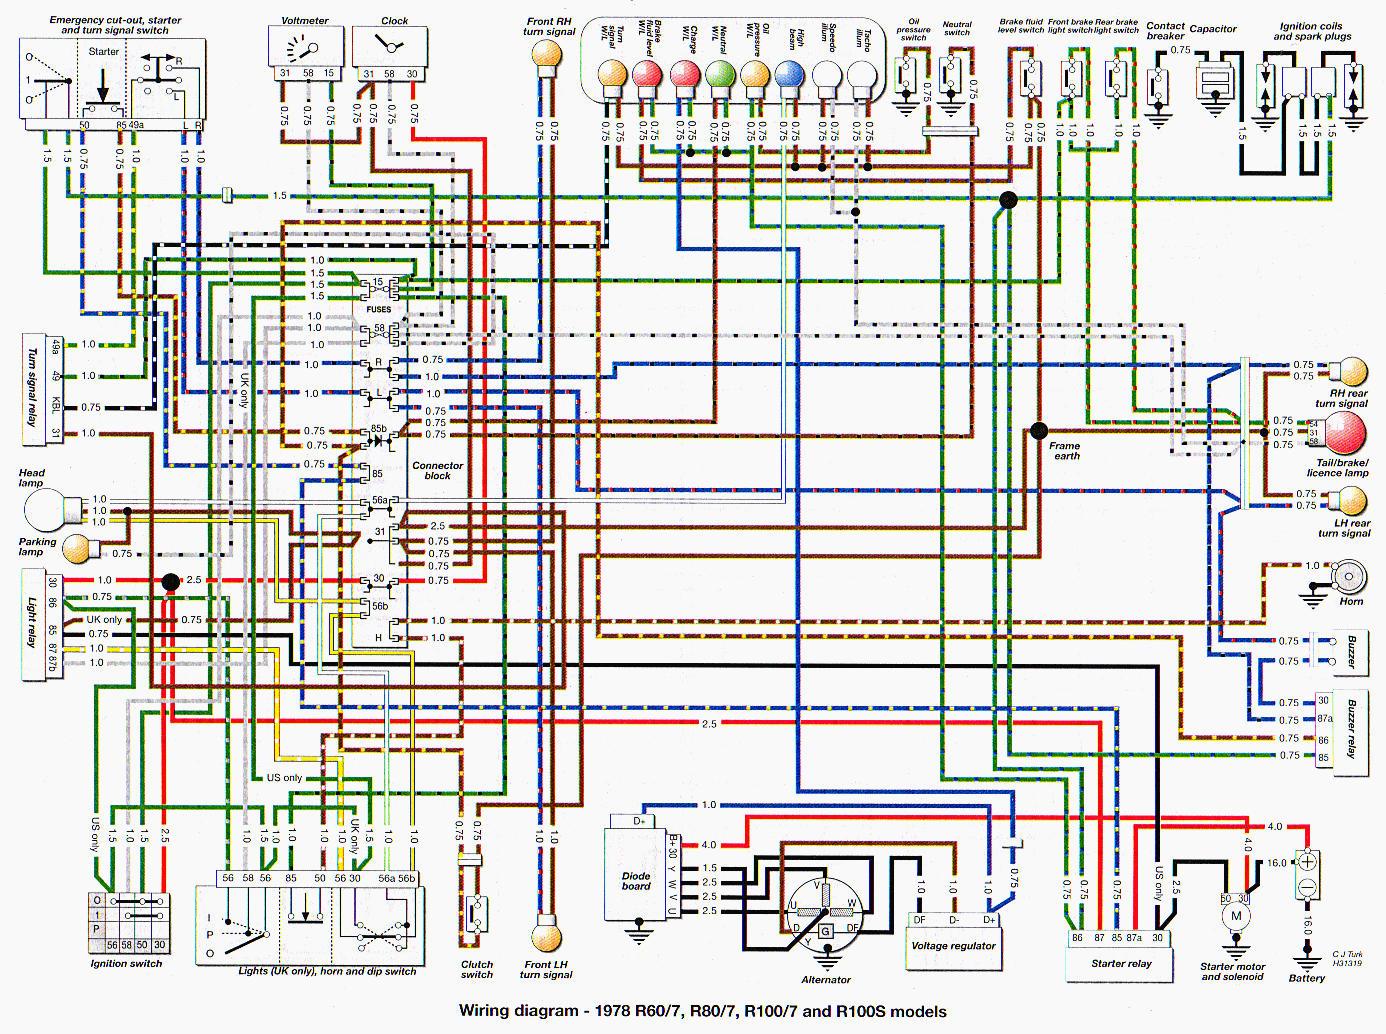 bmw r1150rt wiring diagram 2004 1955 buick century wiring-diagram, Wiring diagram